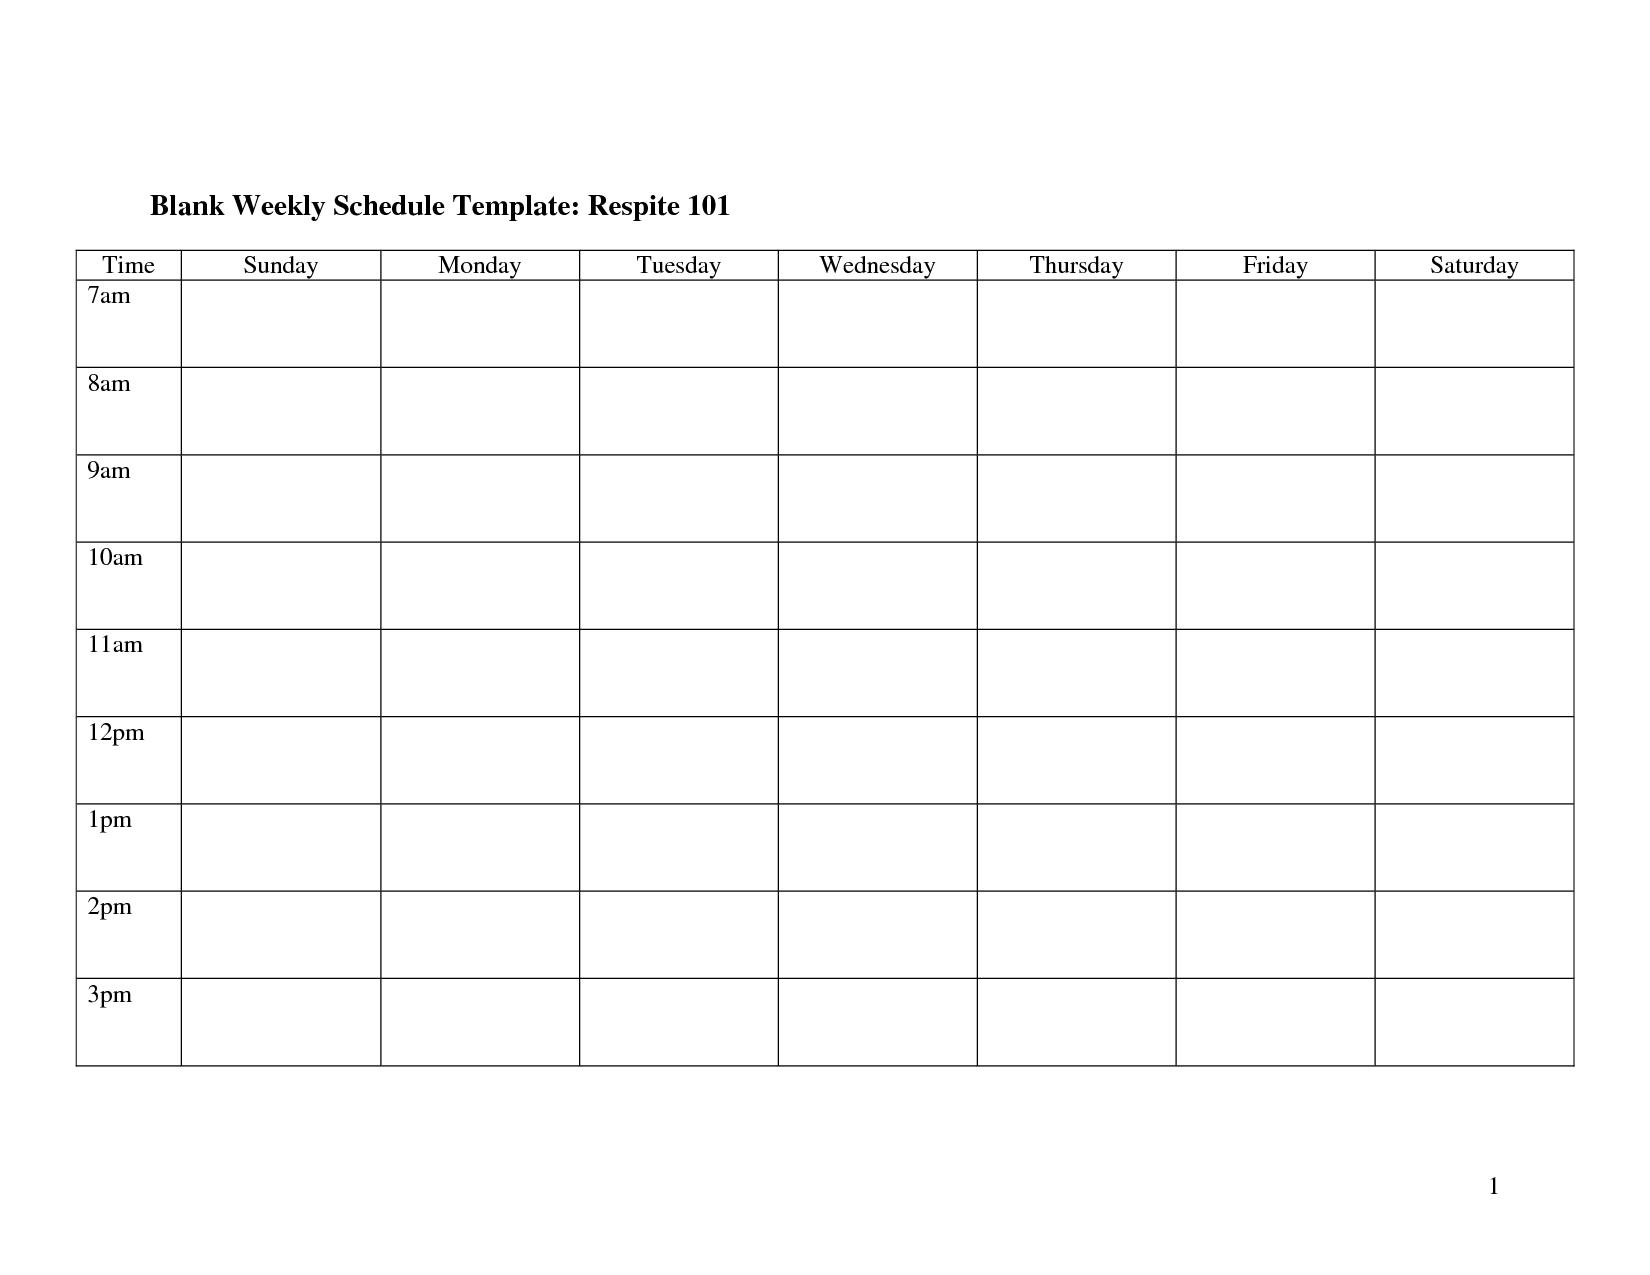 blank weekly work schedule template_14355